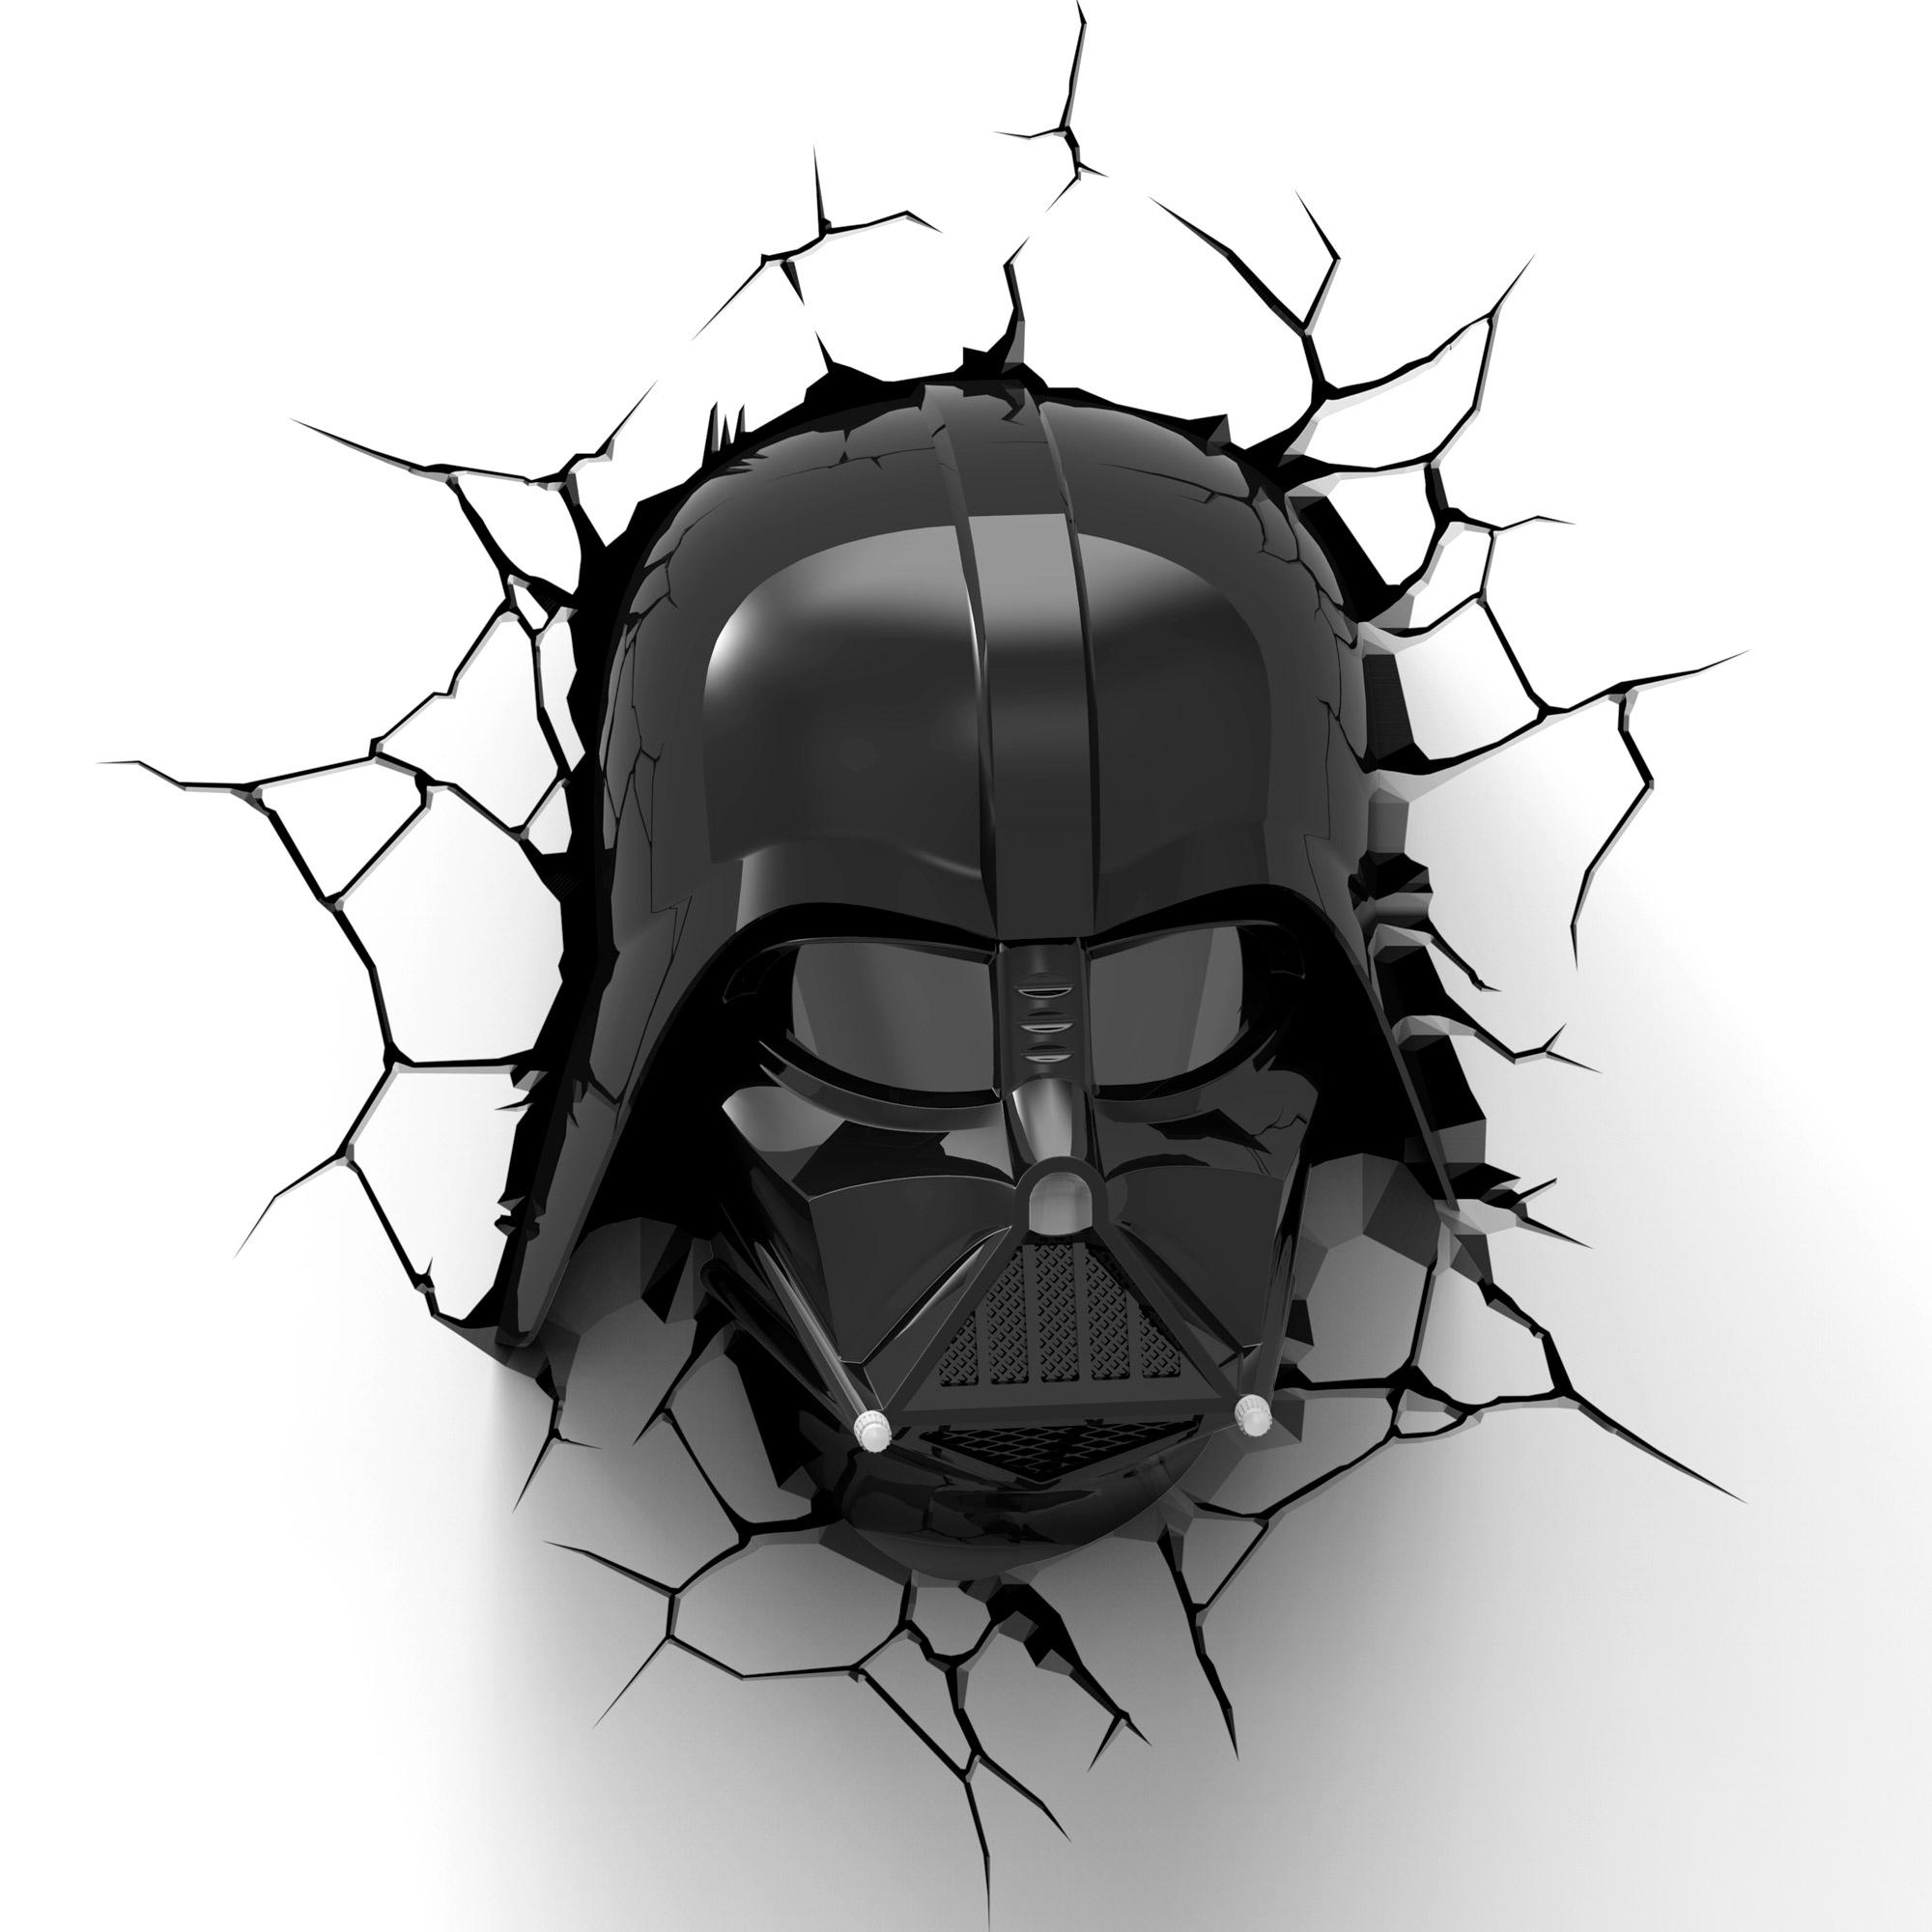 3d Lightfx Reveals An Impressive Line Up Of Star Wars Led